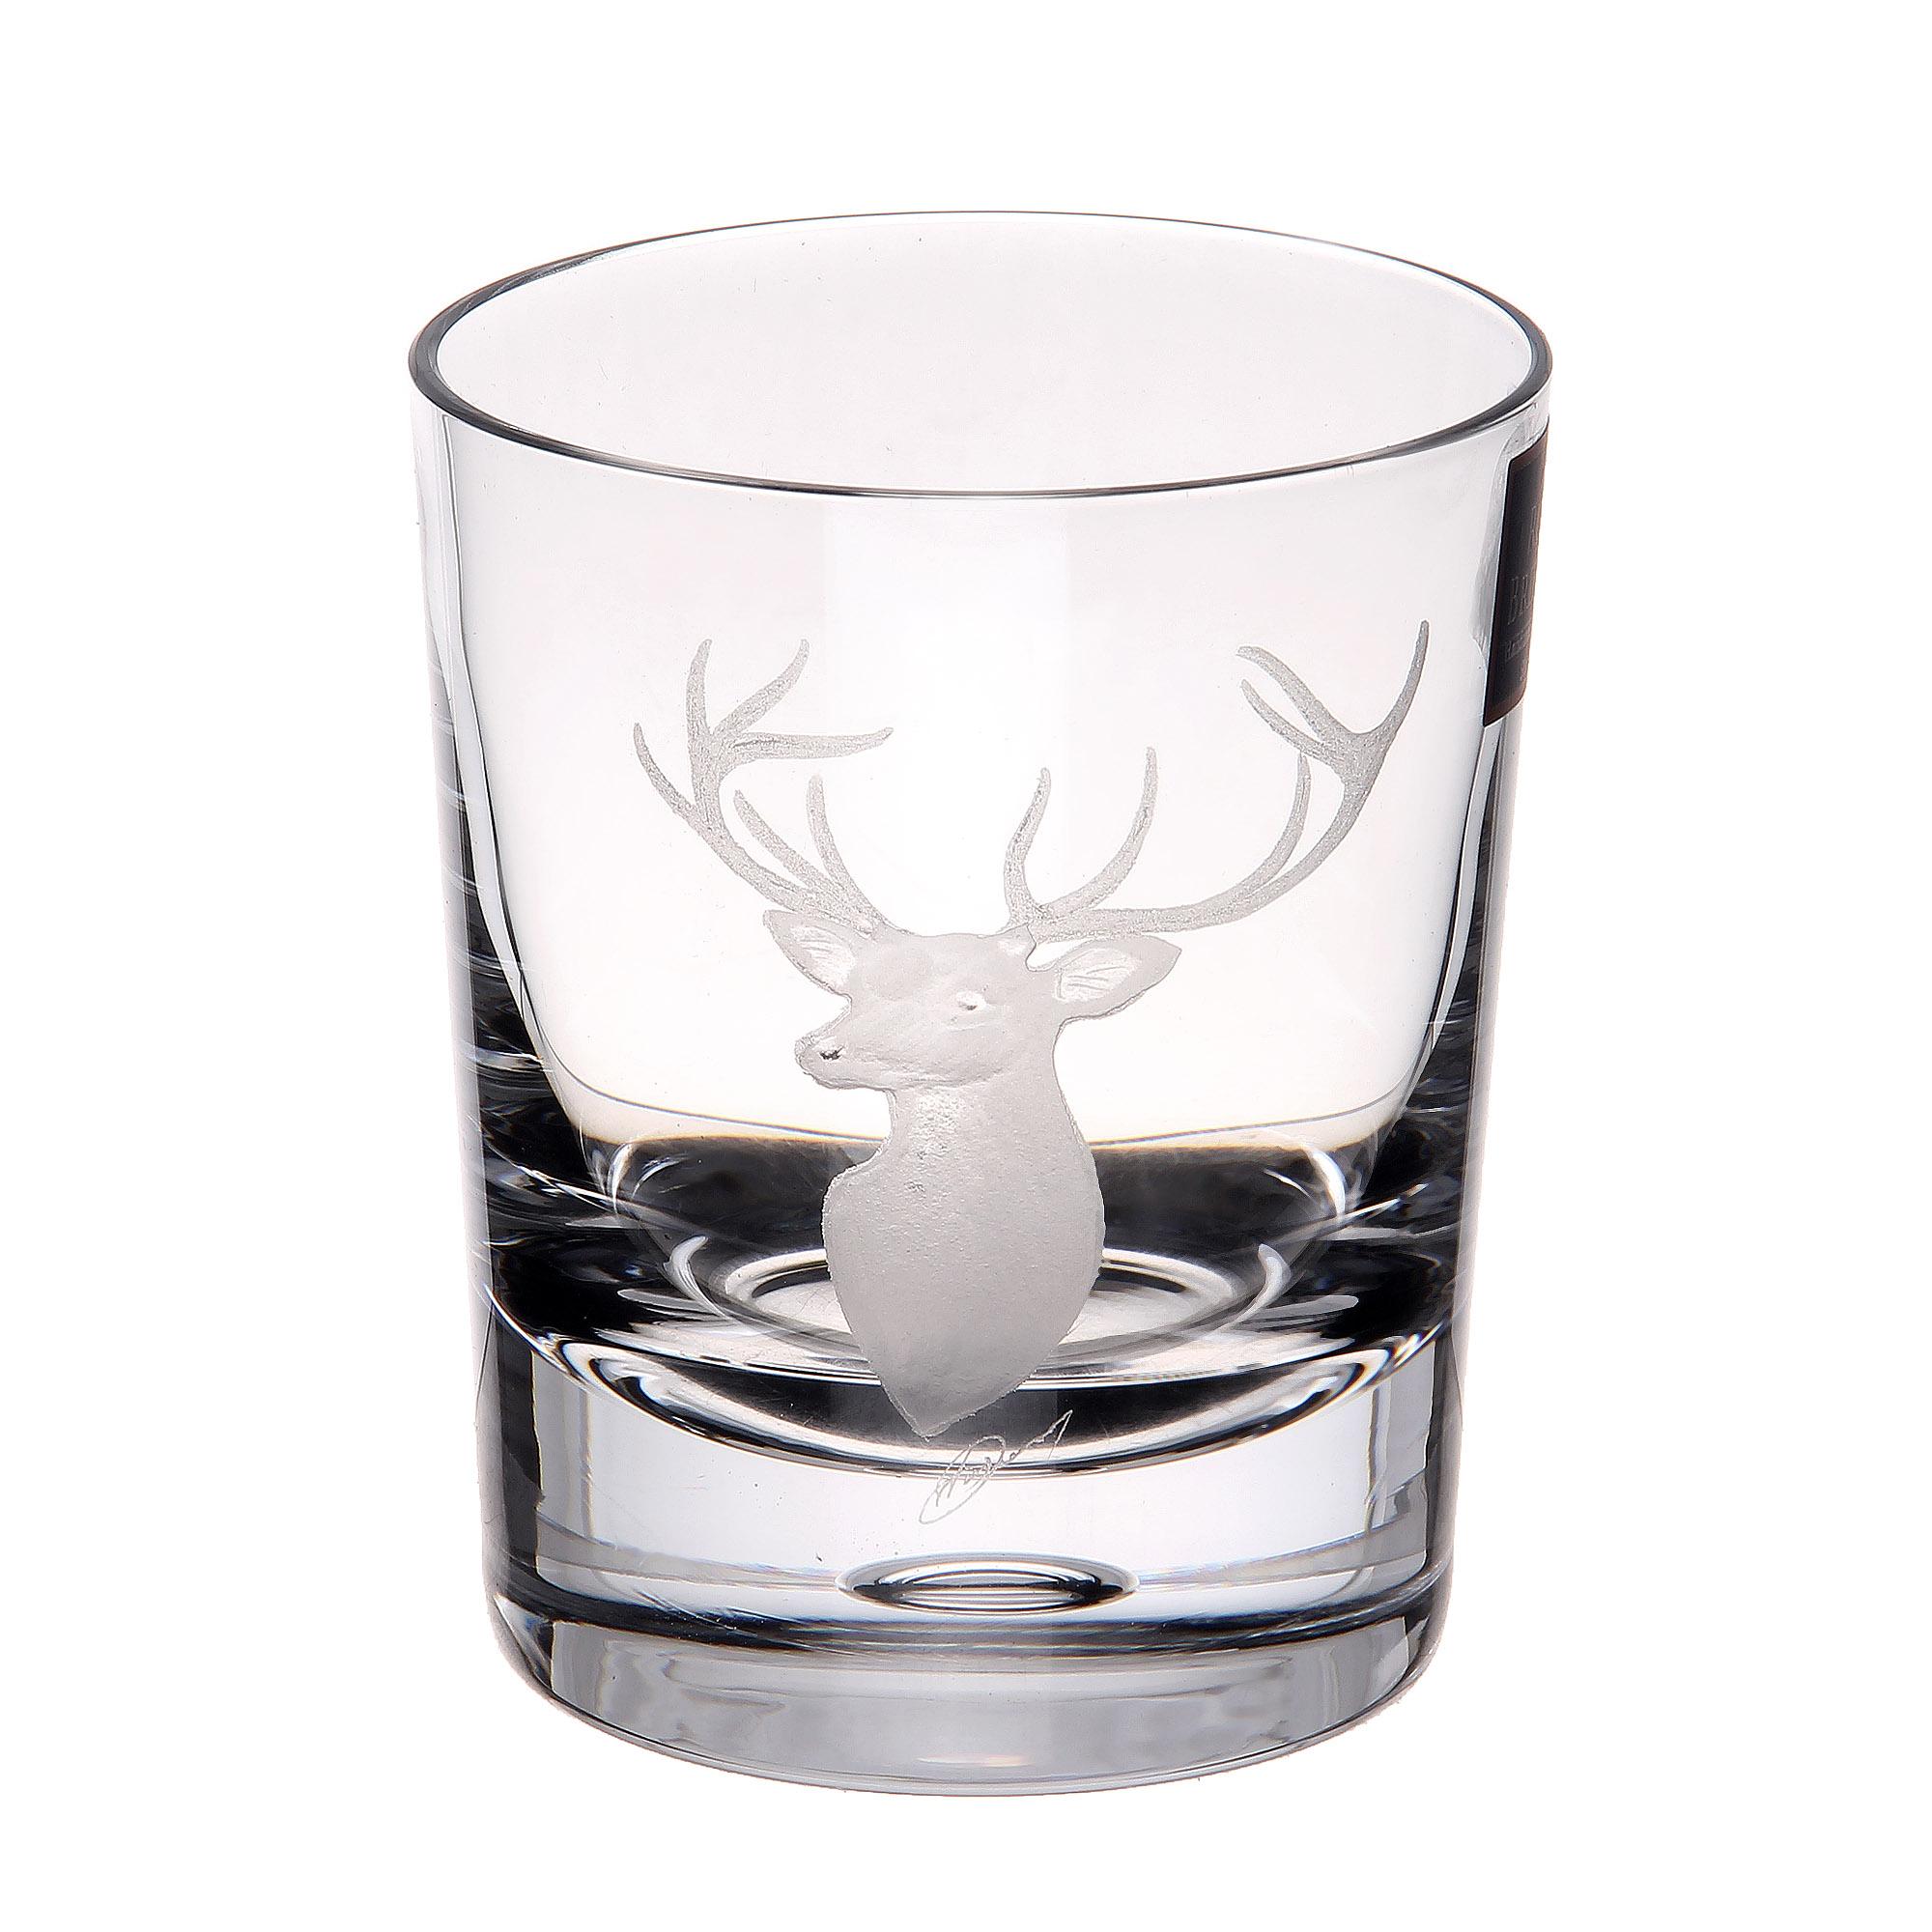 Купить Стакан для виски Dartington crystal engraved олень 300мл, Великобритания, хрусталь ручной работы (24% свинца)